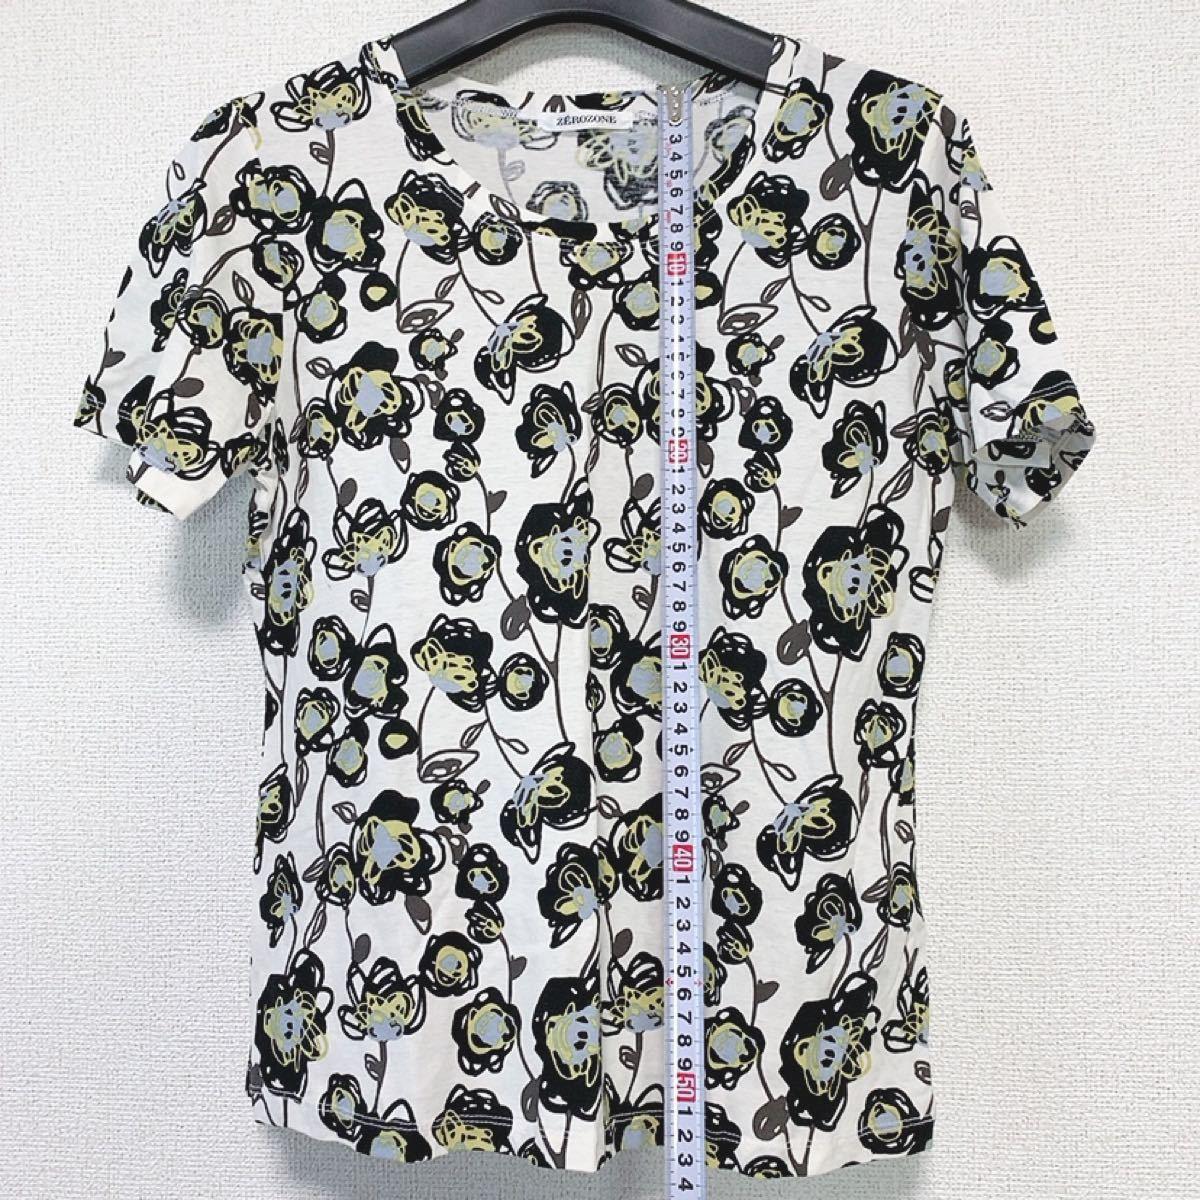 カットソー ショートスリーブTシャツ 半袖Tーシャツ  日本製  Mサイズ